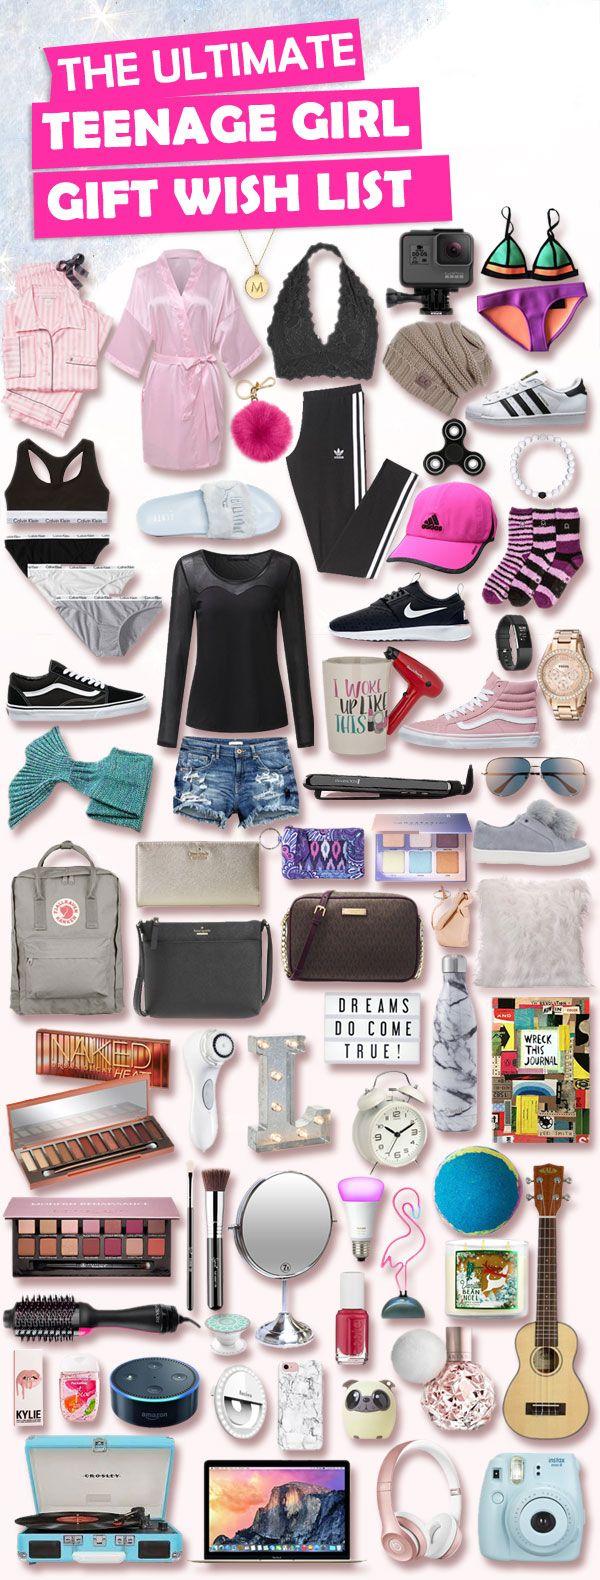 Christmas Gifts for Teenage Girls List | Christmas gifts ...  Birthday